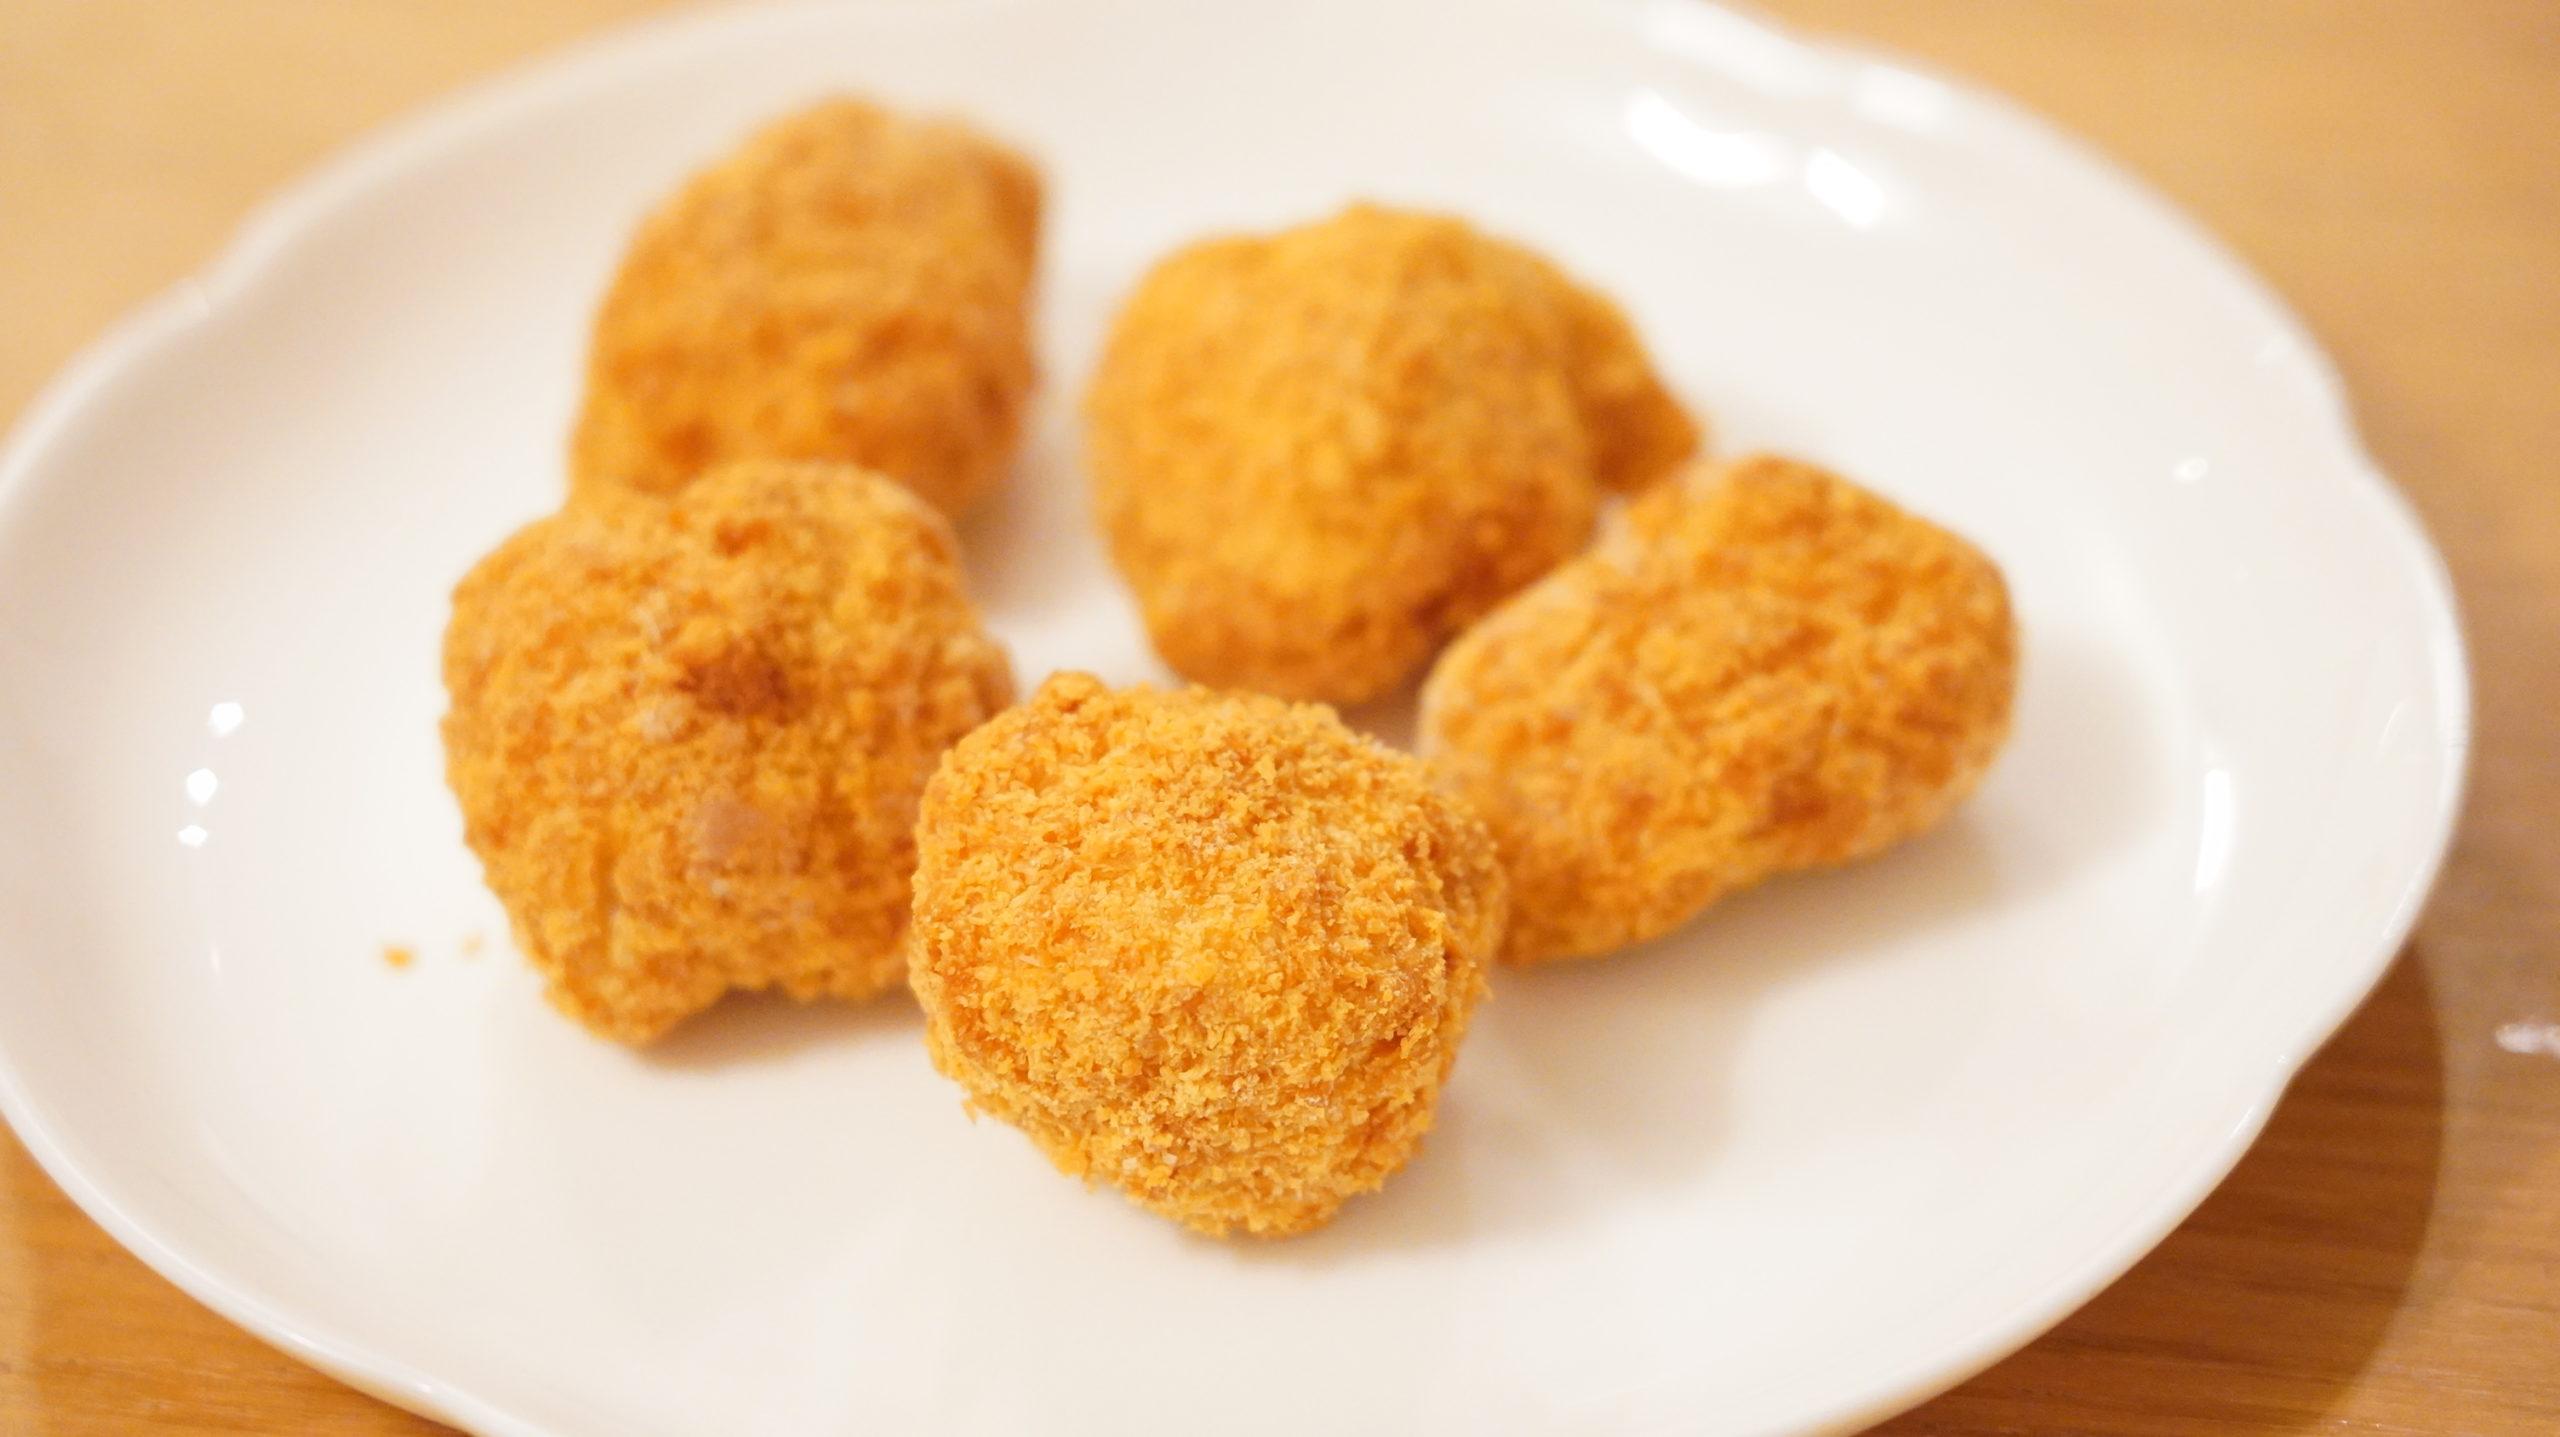 コストコの冷凍食品「味の素・三元豚のとんかつ」のクローズアップ写真